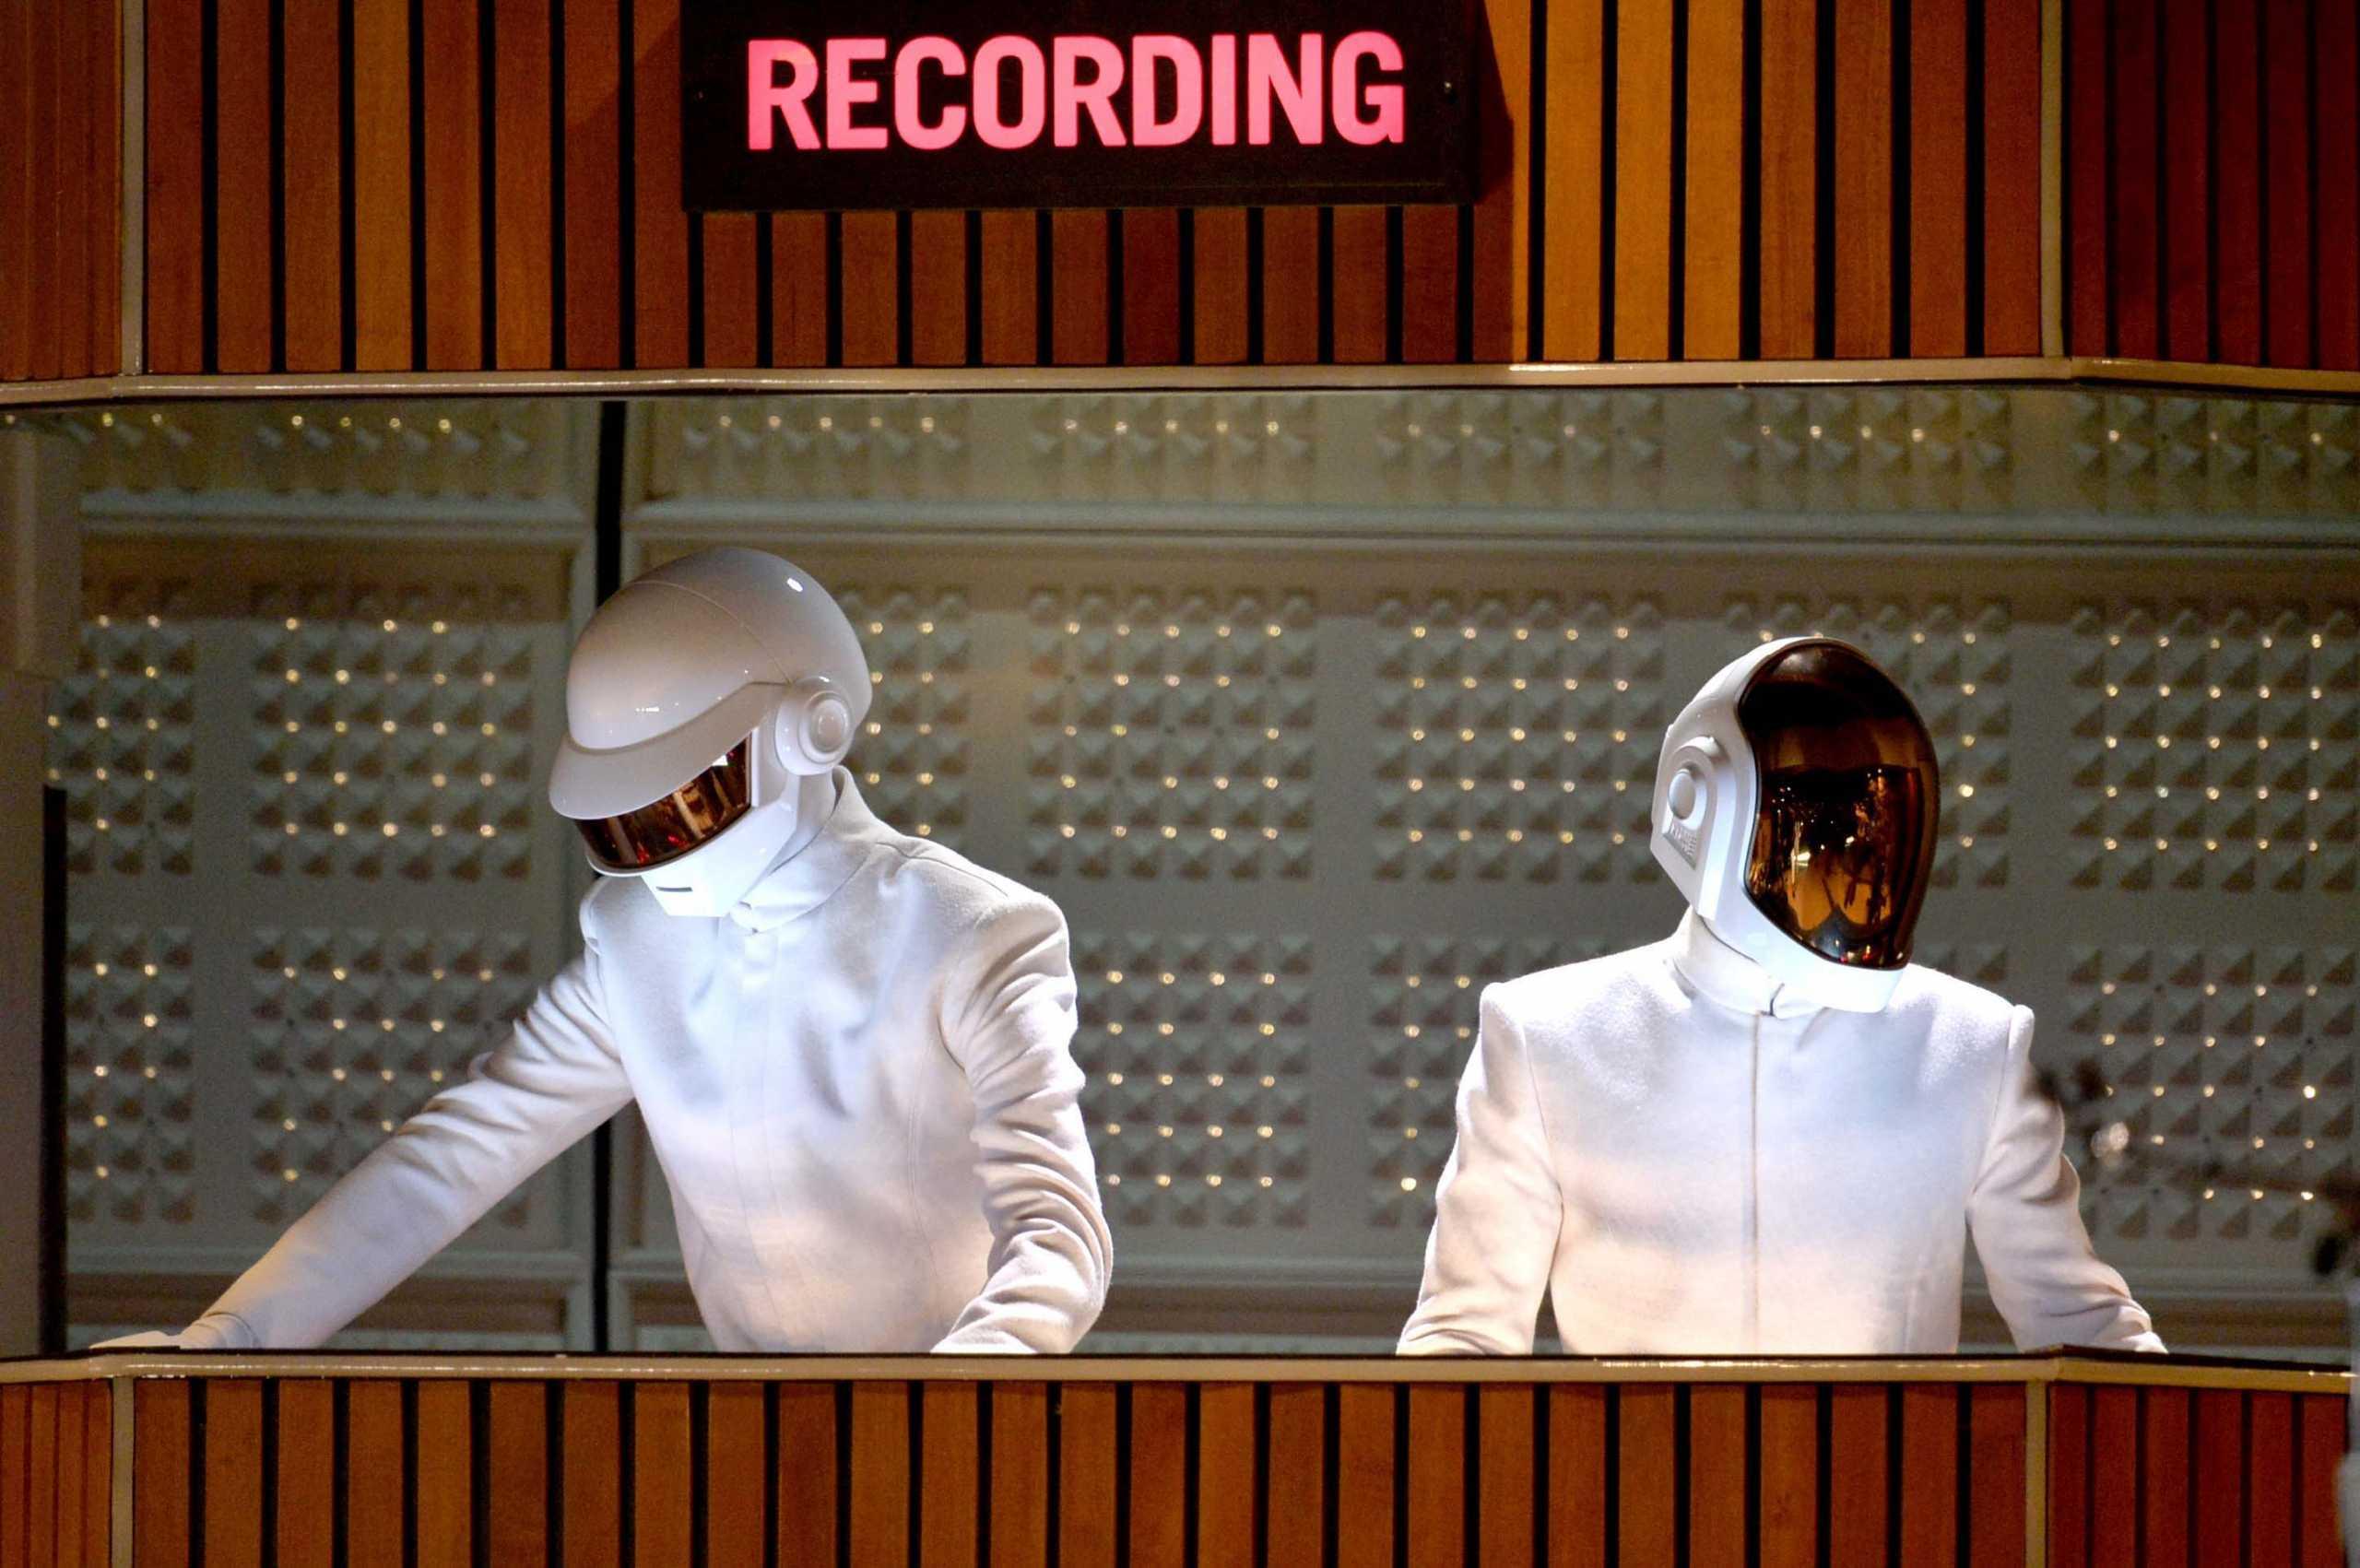 Οι Daft Punk αποκλειστικά στο ERTFLIX με ένα αποκαλυπτικό ντοκιμαντέρ